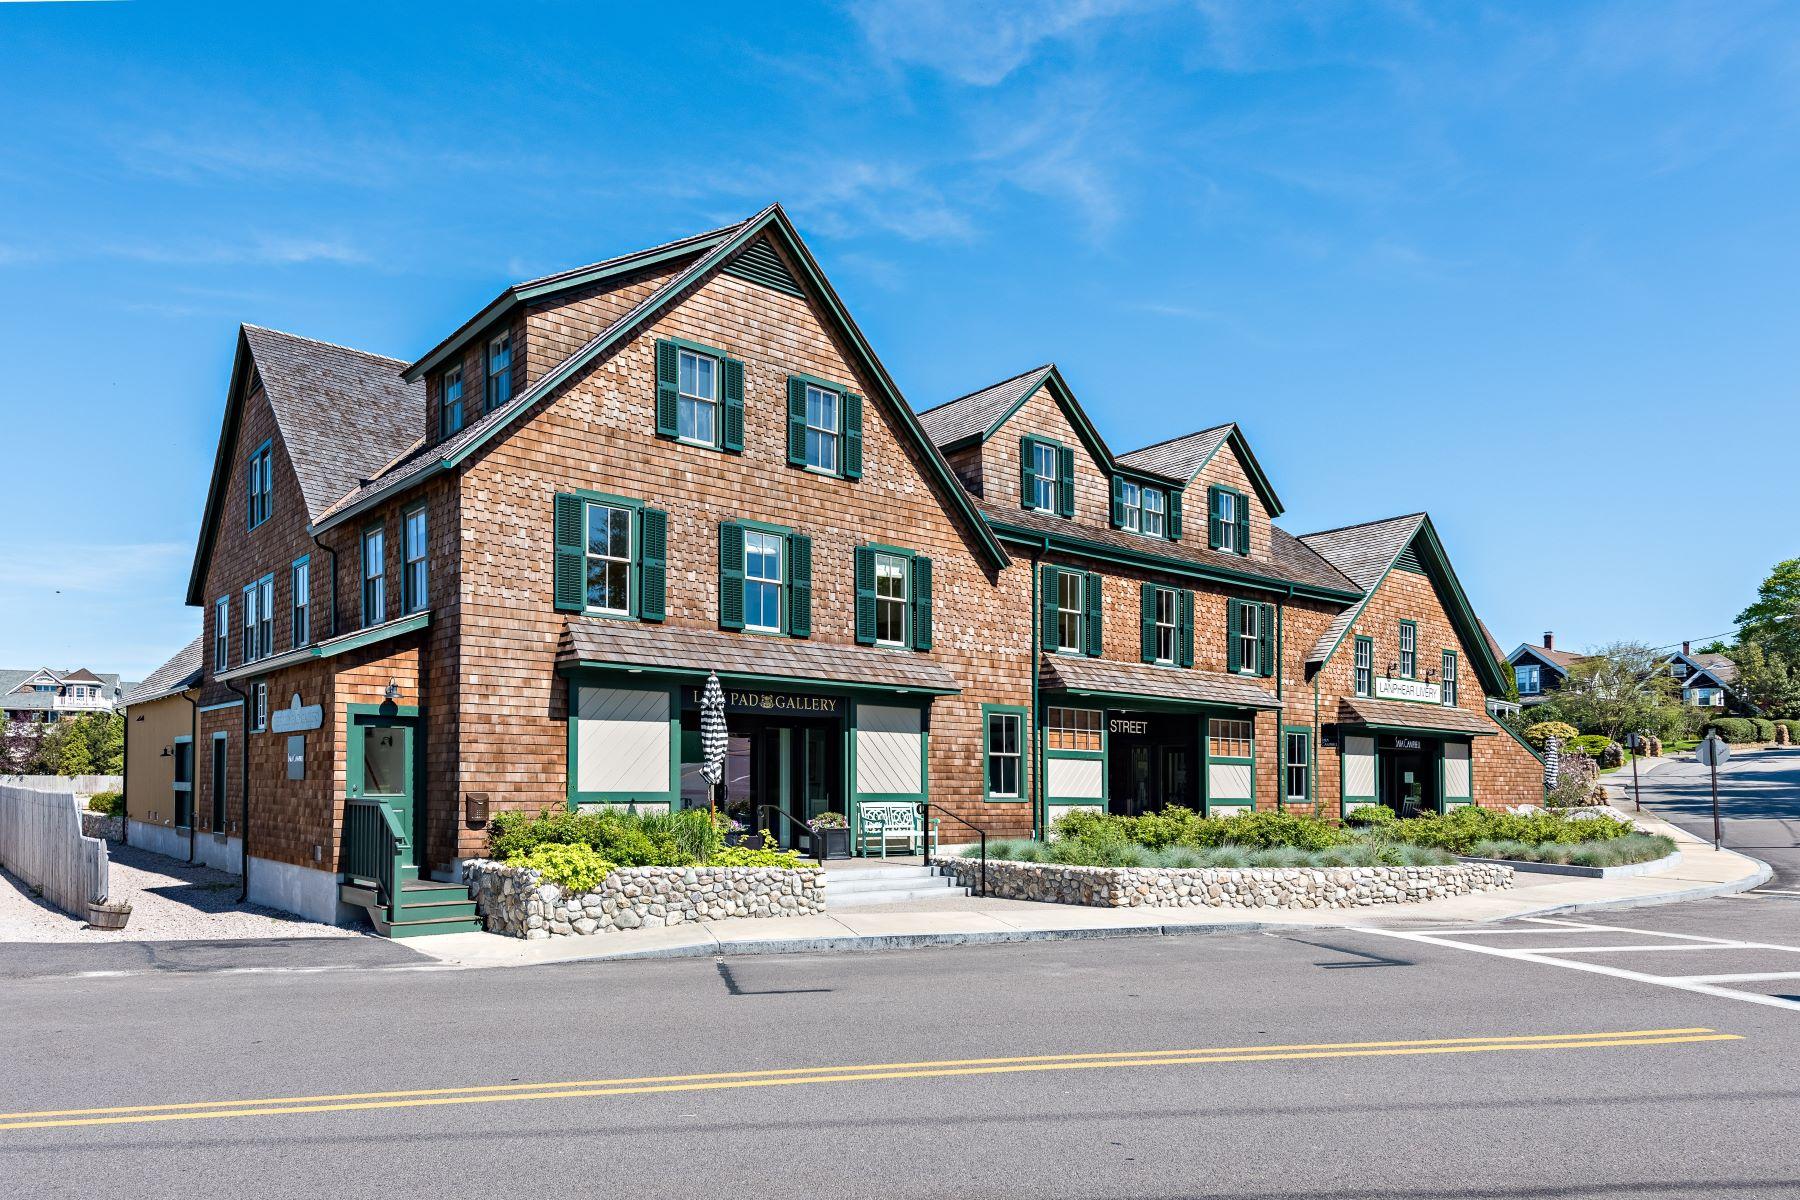 Πολυκατοικία ατομικής ιδιοκτησίας για την Πώληση στο 1 Bay St, #J, Westerly, RI 1 Bay St J, Westerly, Ροουντ Αϊλαντ 02891 Ηνωμένες Πολιτείες